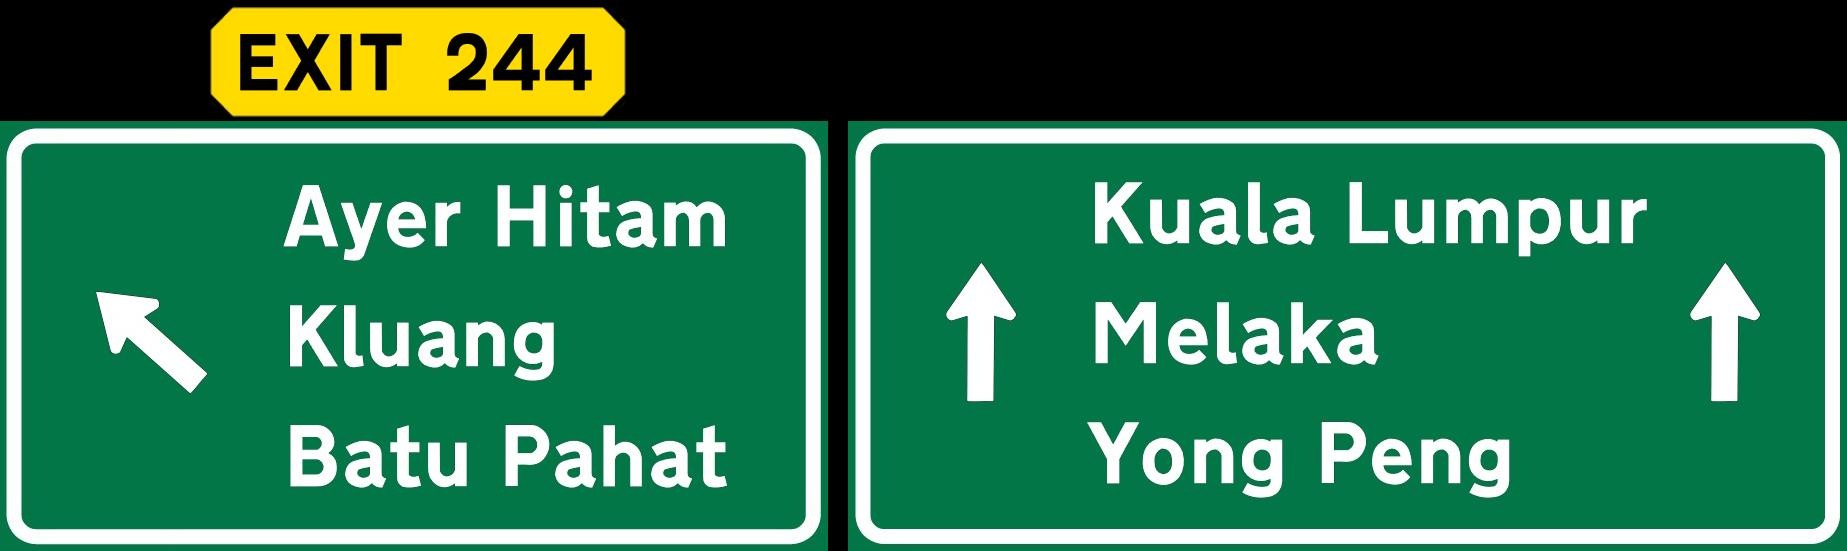 susunan lokasi pada papan tanda jalan raya